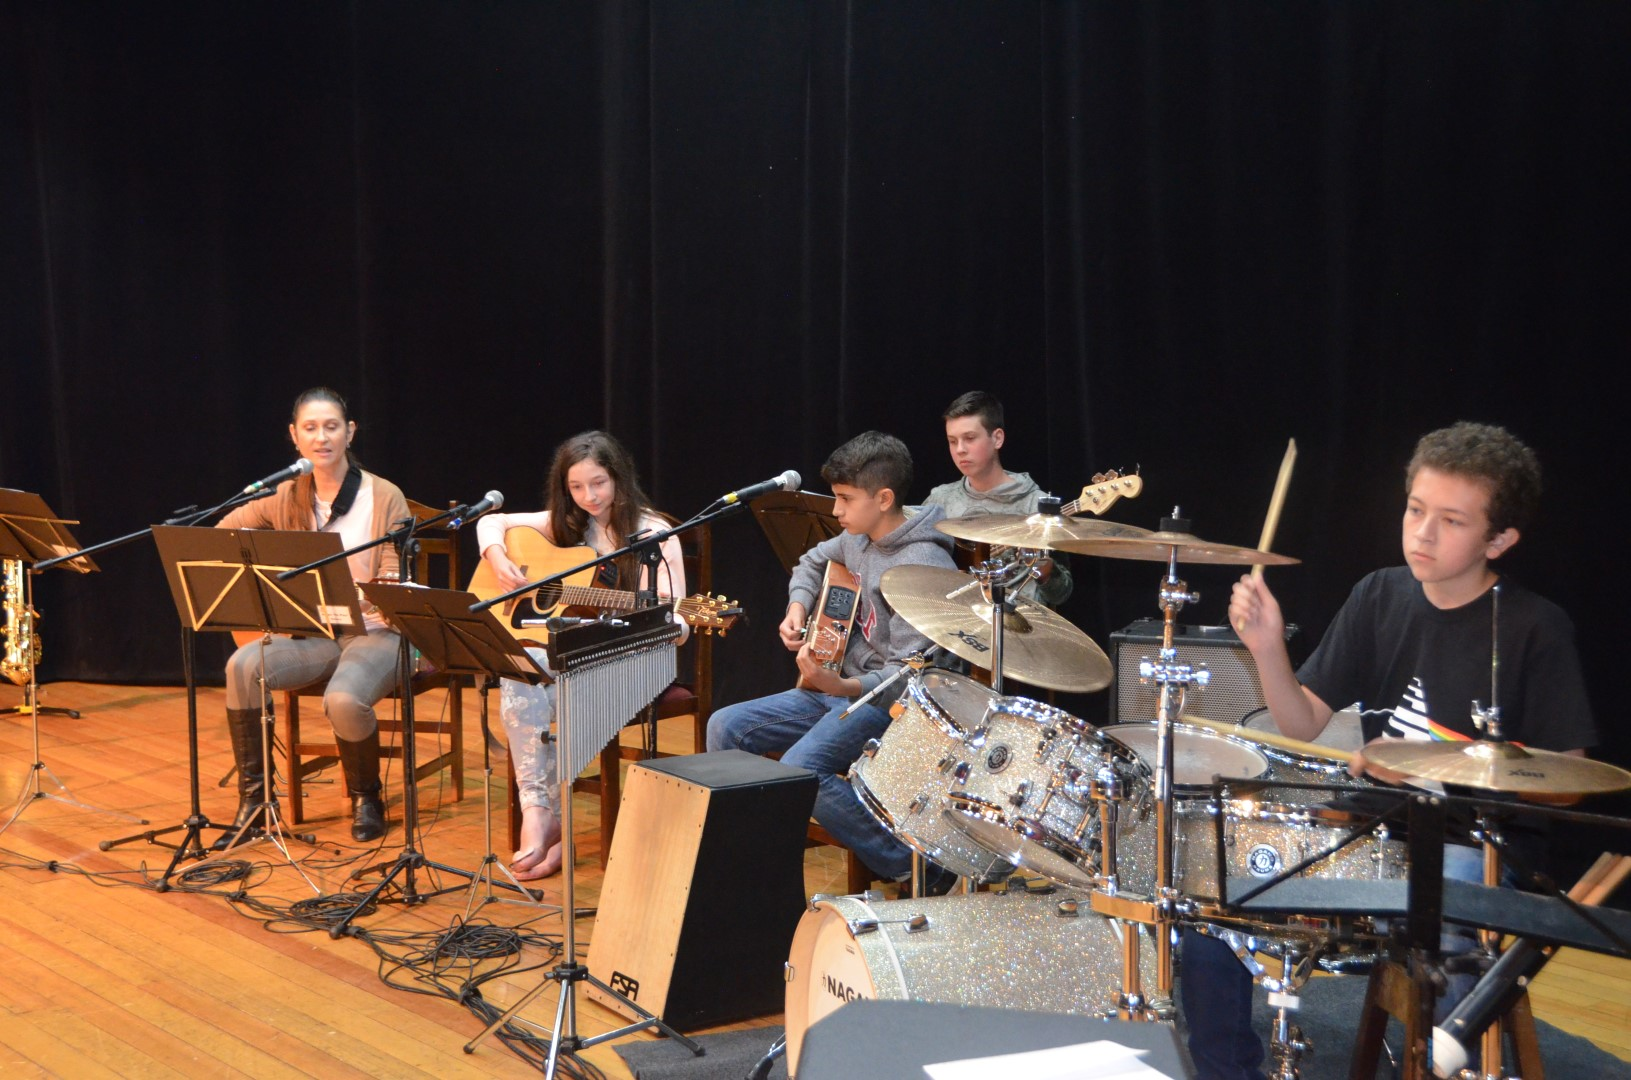 3° Recital de alunos de música - 29/9/20173° Recital de alunos de música - 29/9/2017